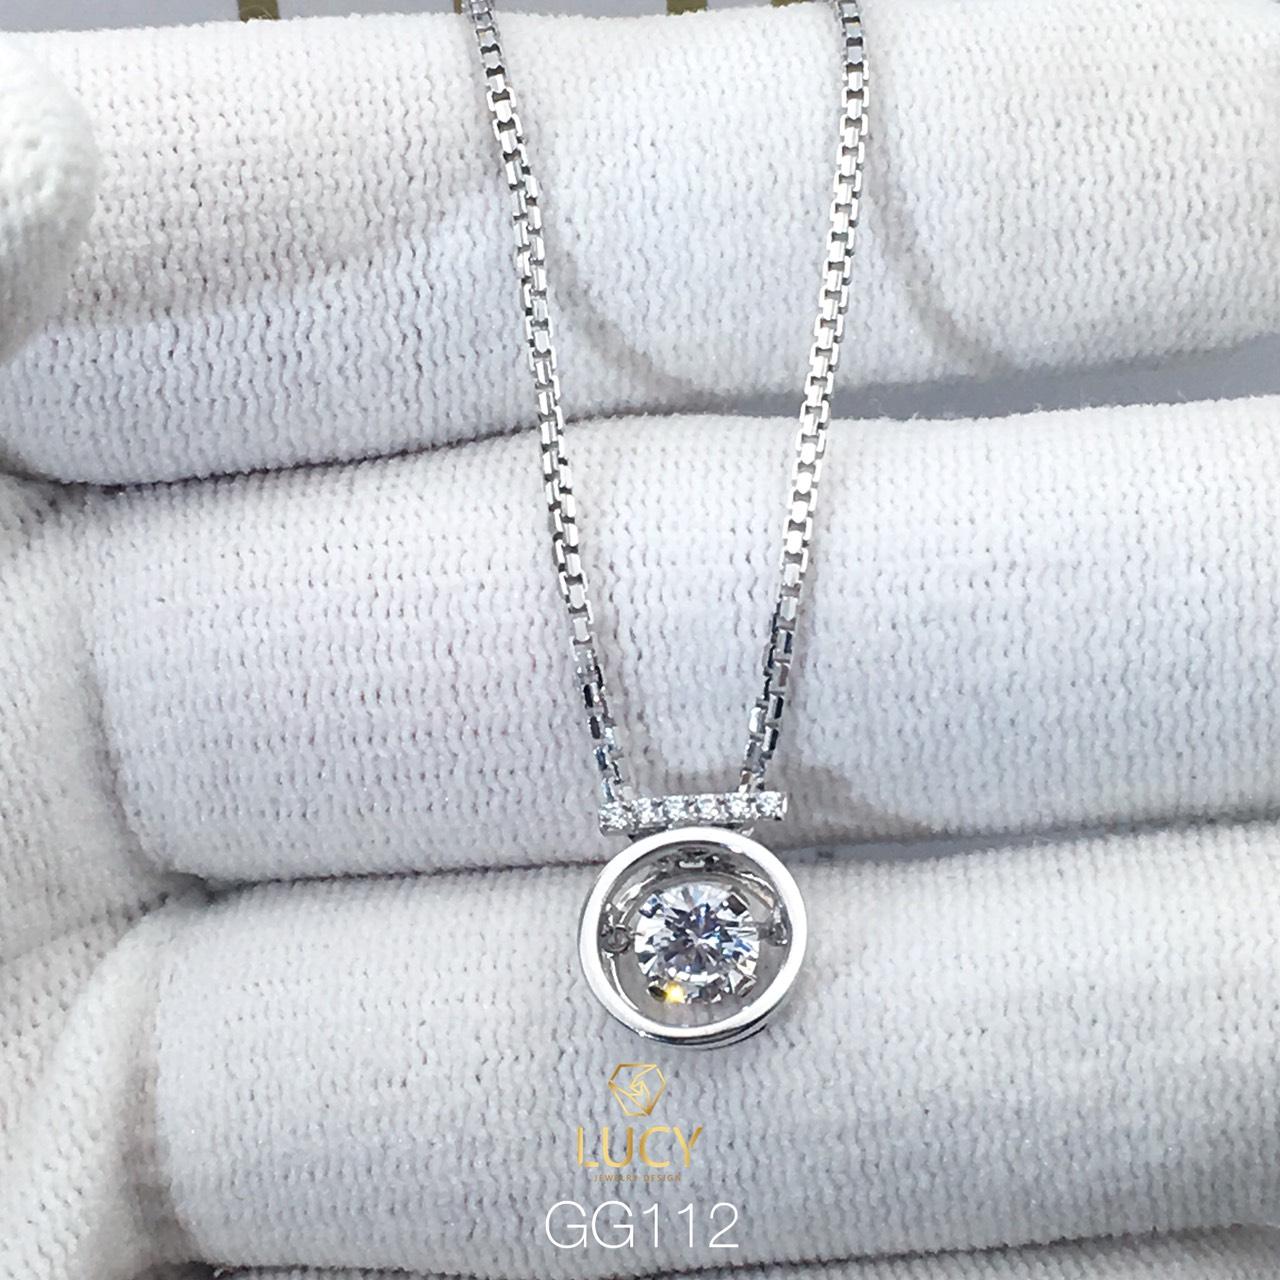 GG012 Mặt dây chuyền thiết kế đá chủ 5mm nhập nháp vàng 10k 14k 18k - Lucy Jewely